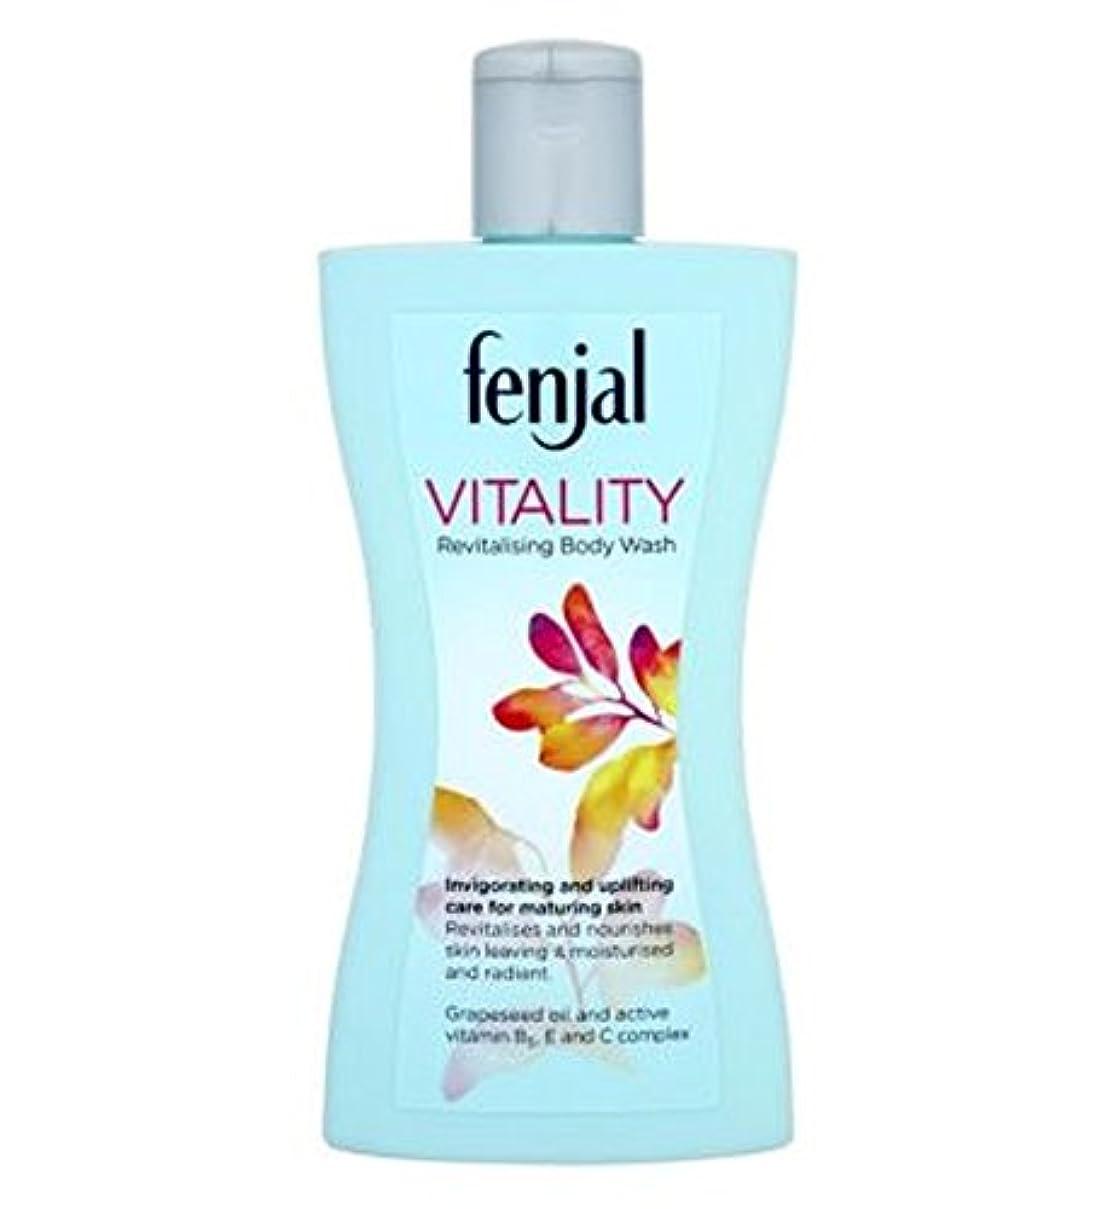 バナナ樹木エンドウFenjal Vitality revitalising Body Wash - Fenjal活力活性化ボディウォッシュ (Fenjal) [並行輸入品]